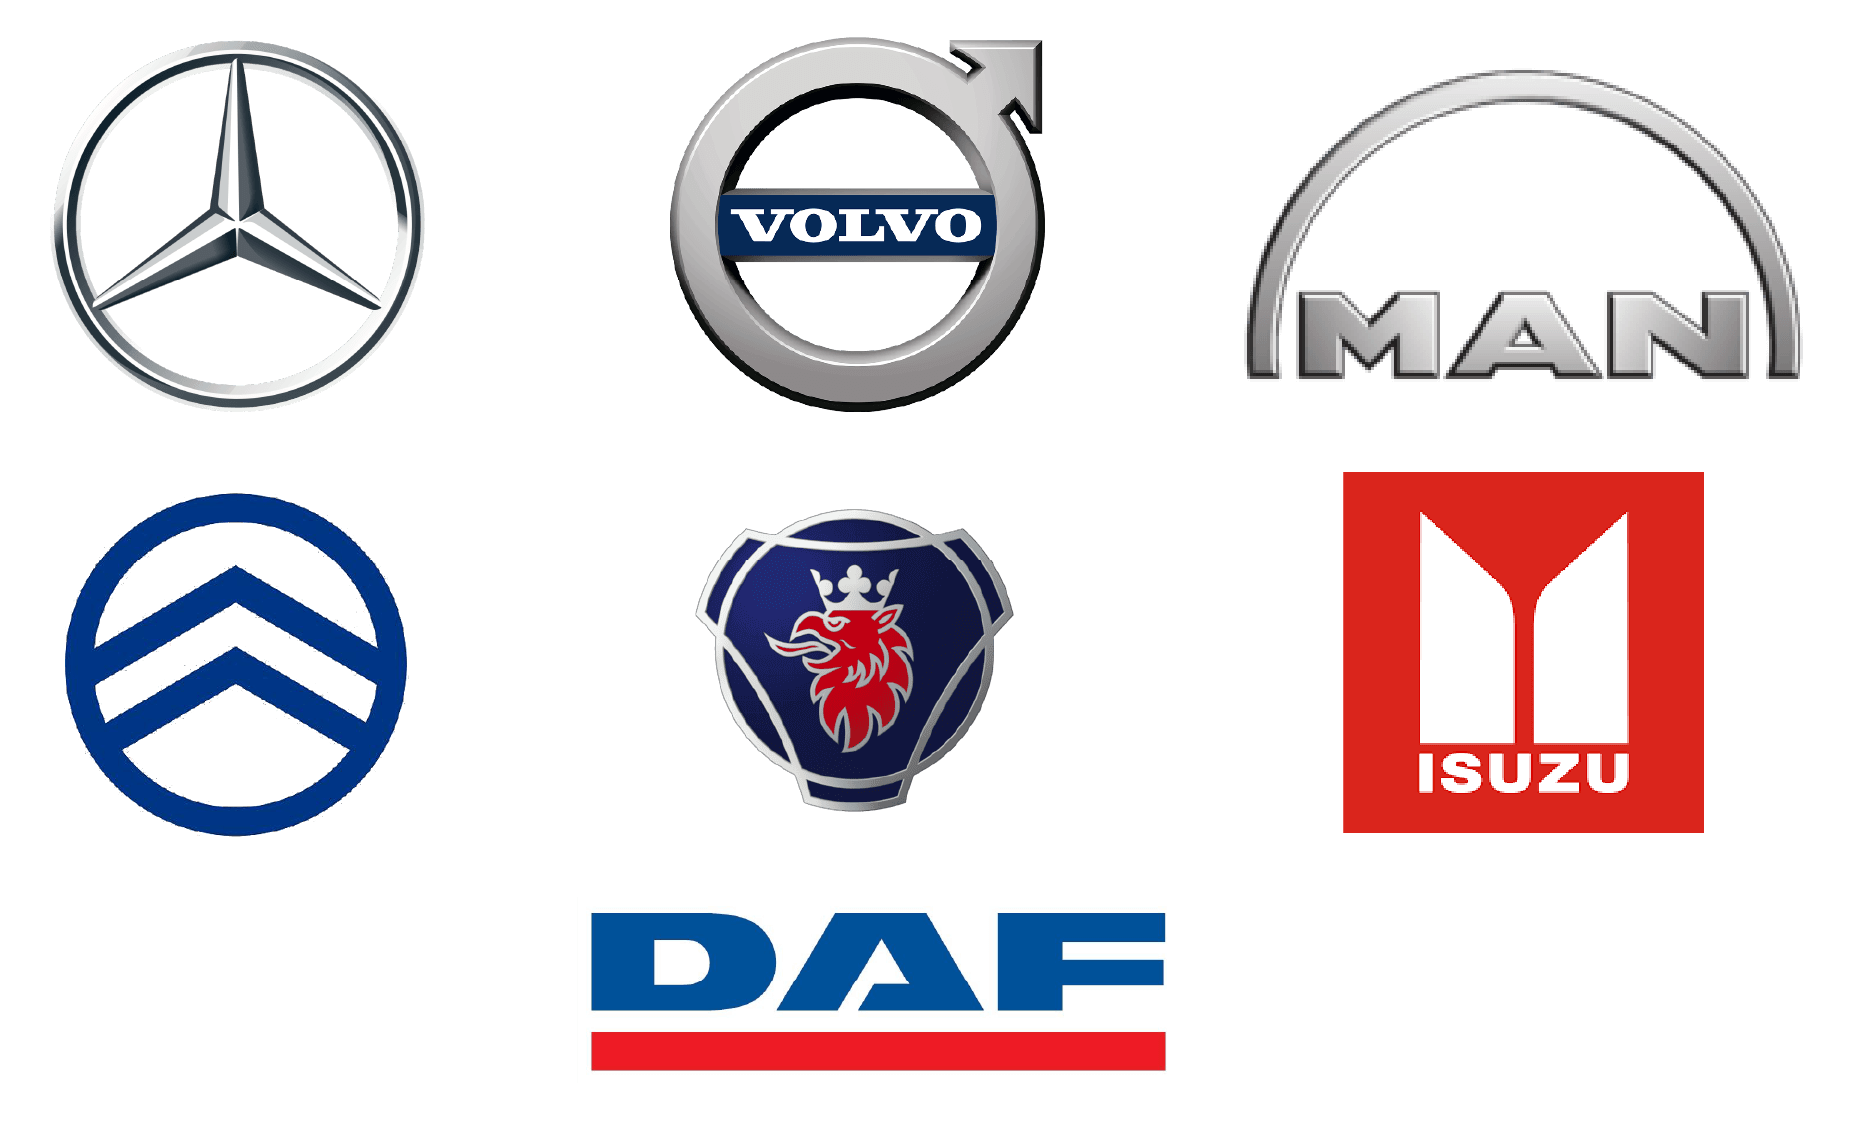 קבוצת מילניום - לוגואים של חברות משאיות שמילניום נותנת להם שירות MAN, DAF, ISUZU, MERCEDES, SCANIA.